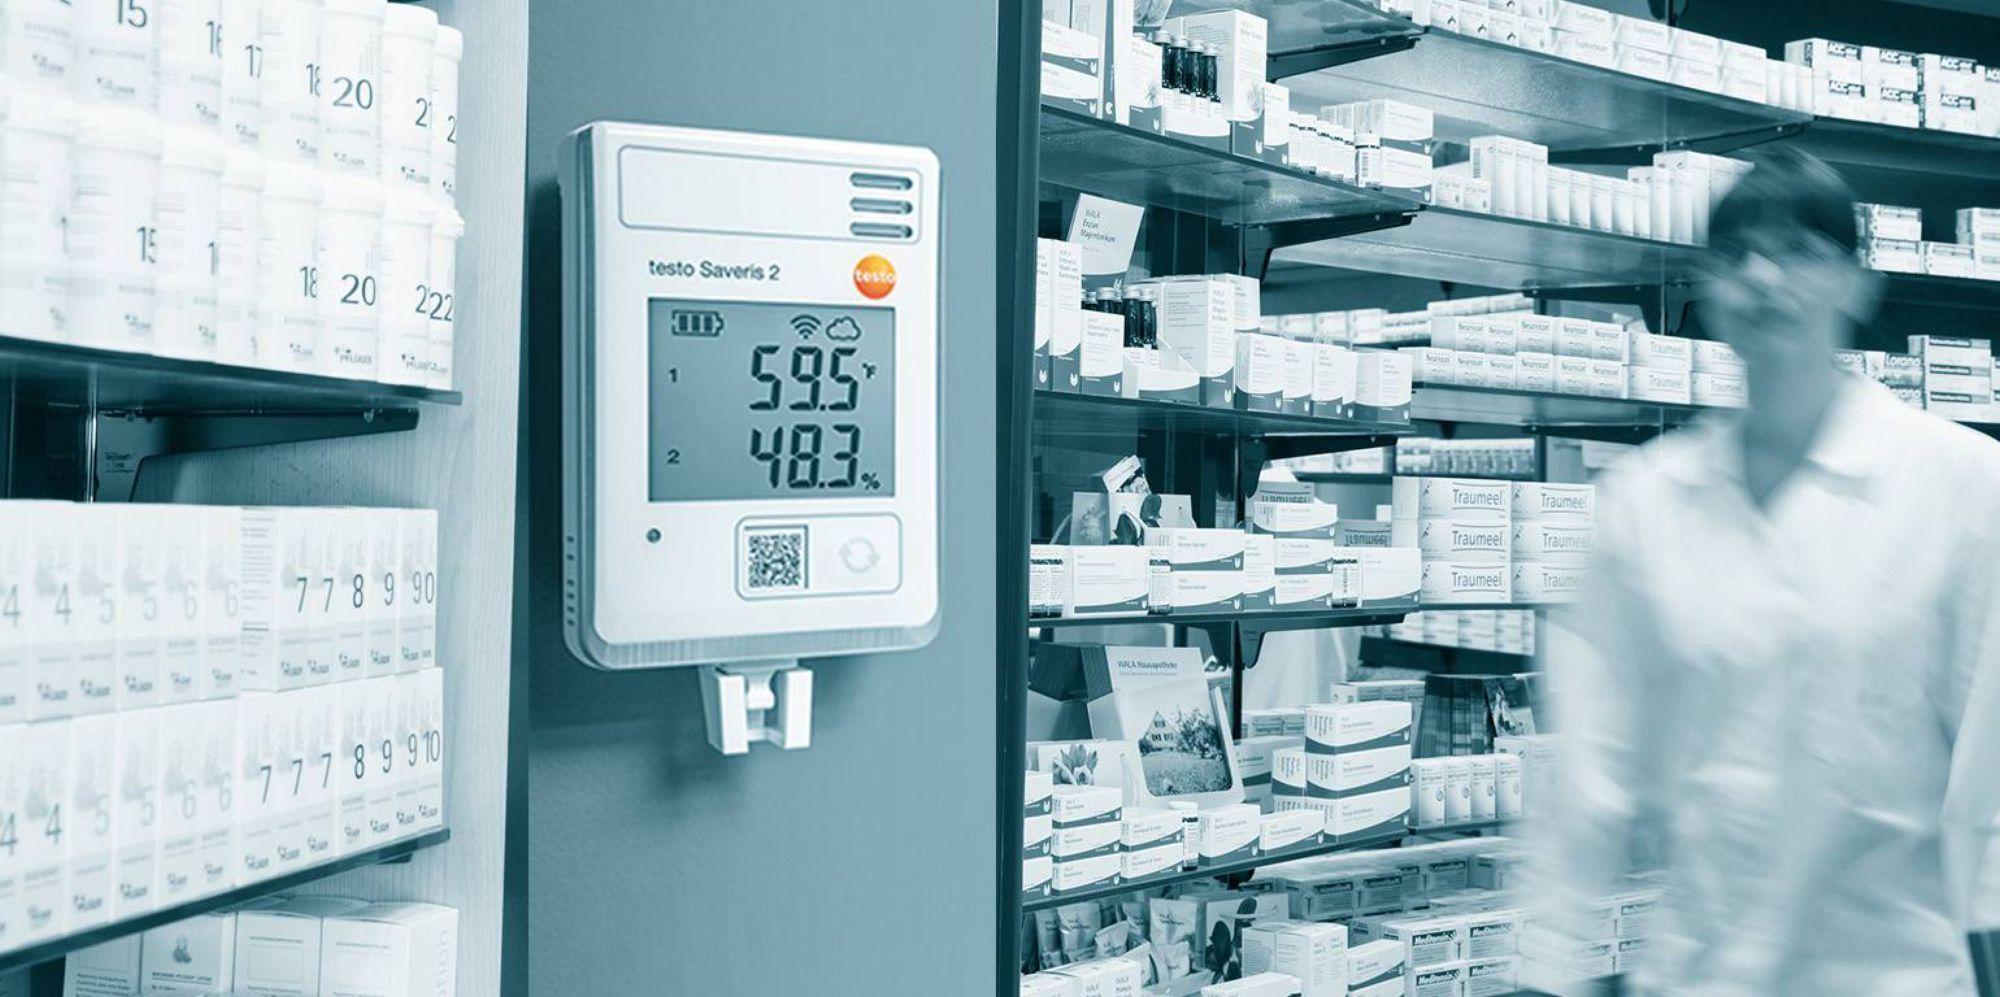 testo Saveris 2 – Umfassende Temperatur- und Feuchteüberwachung